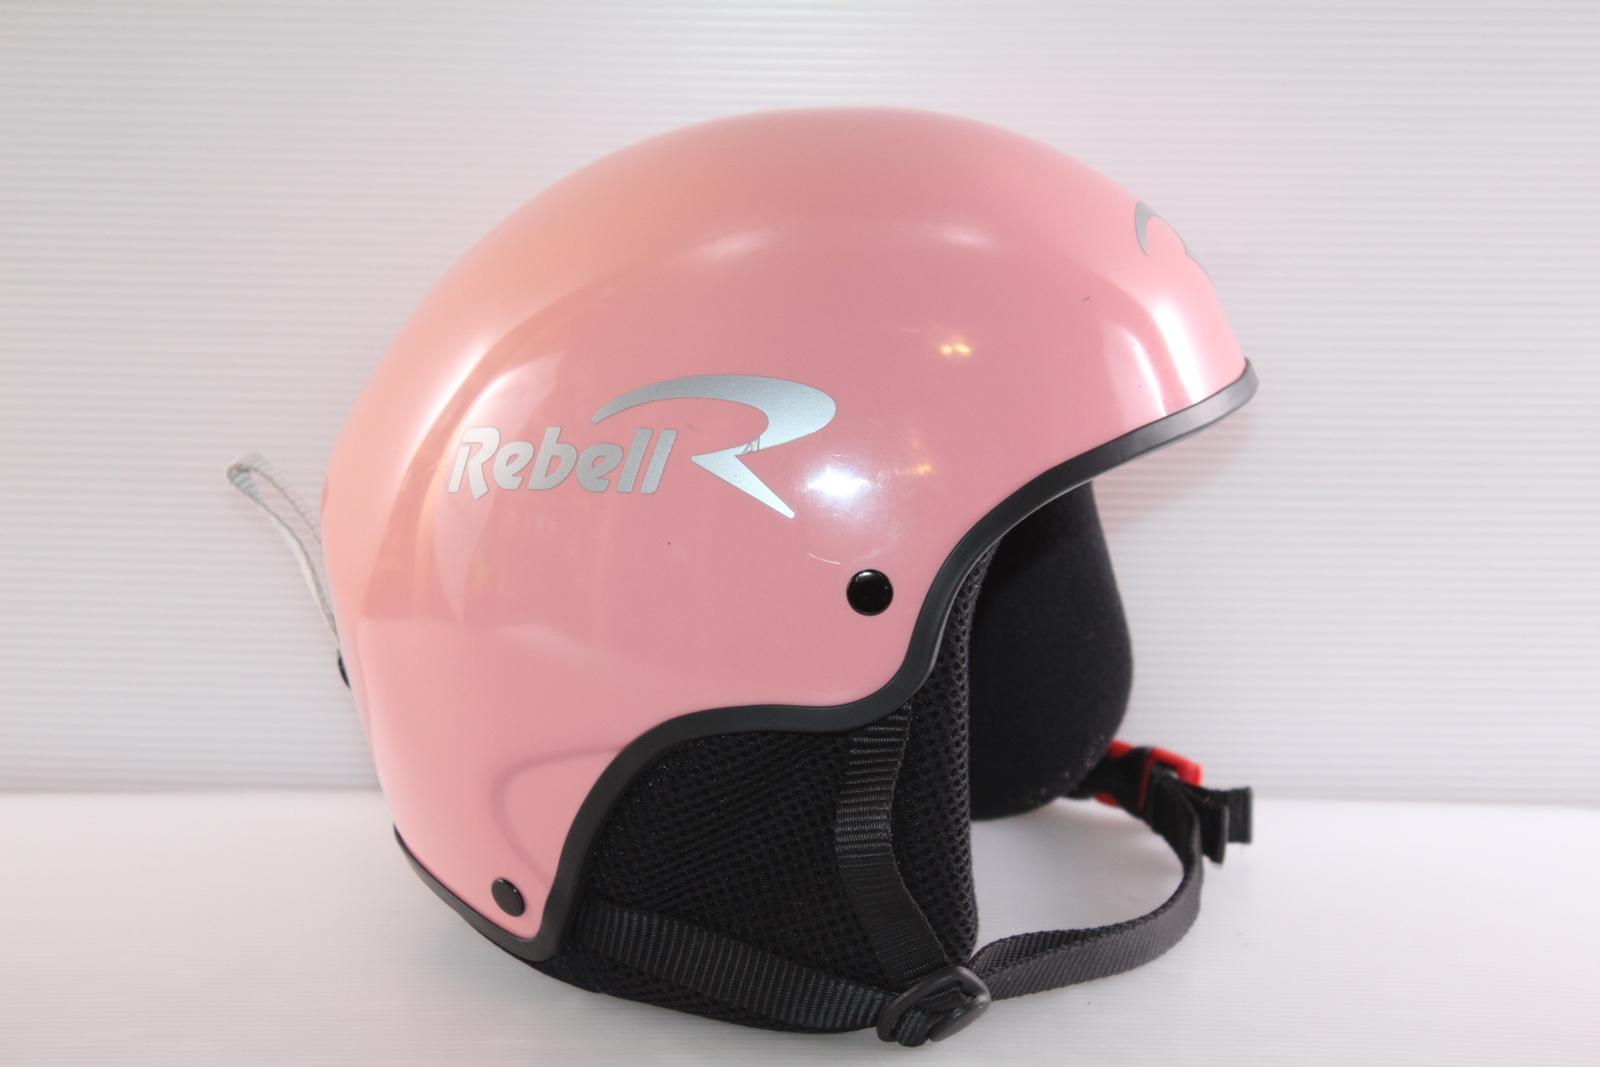 Dívčí lyžařská helma Rebel  vel. 58